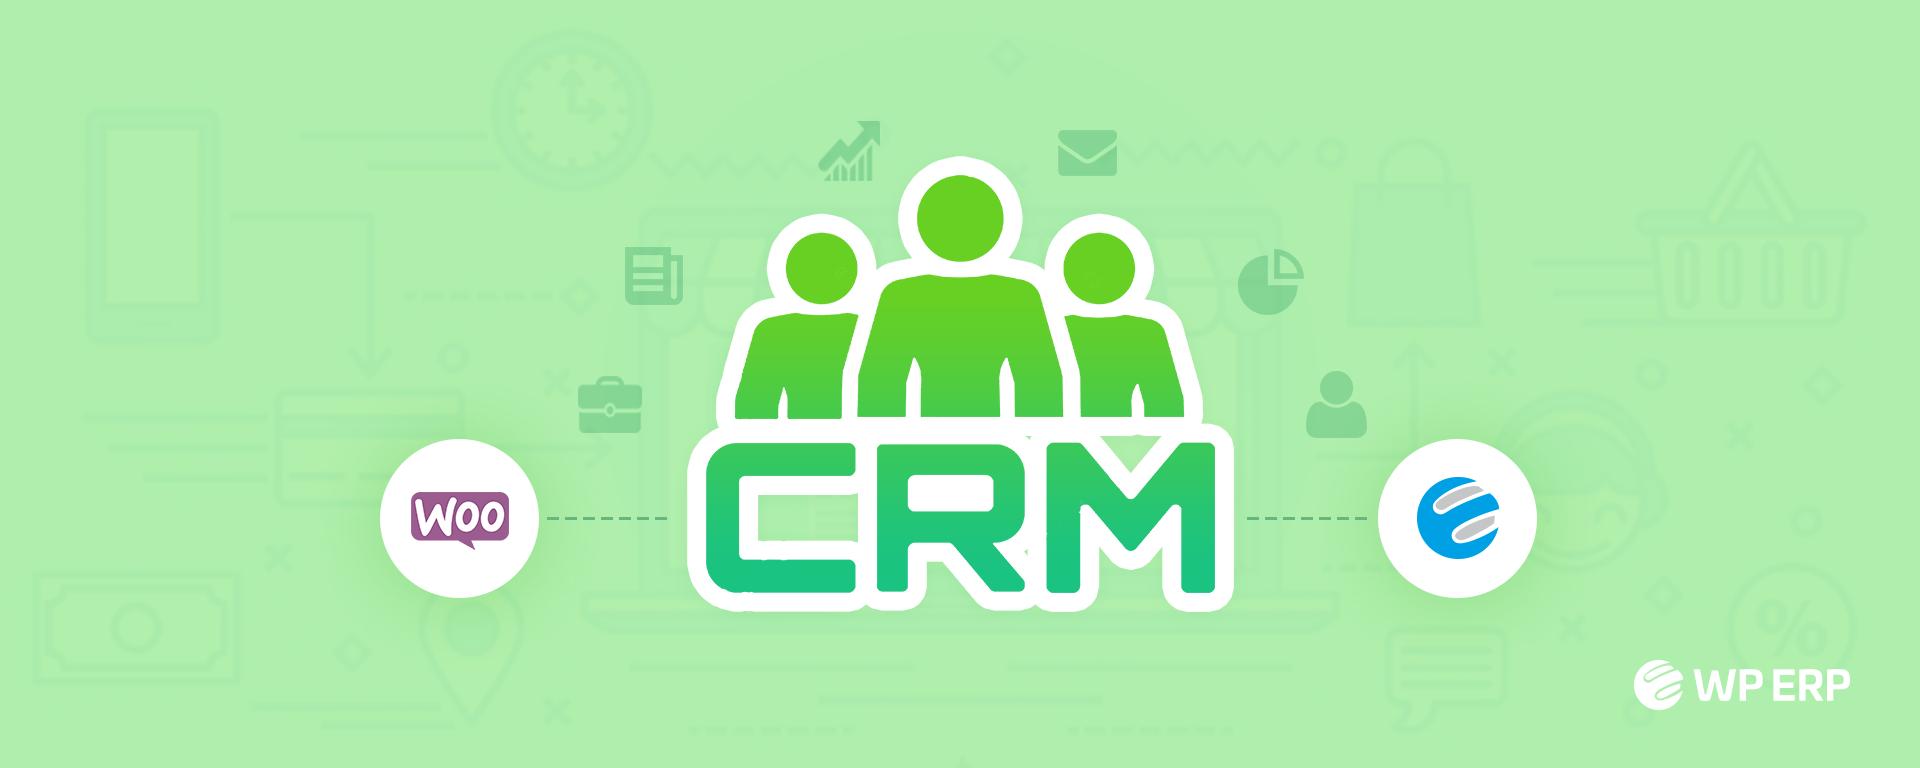 Best WooCommerce CRM Plugin